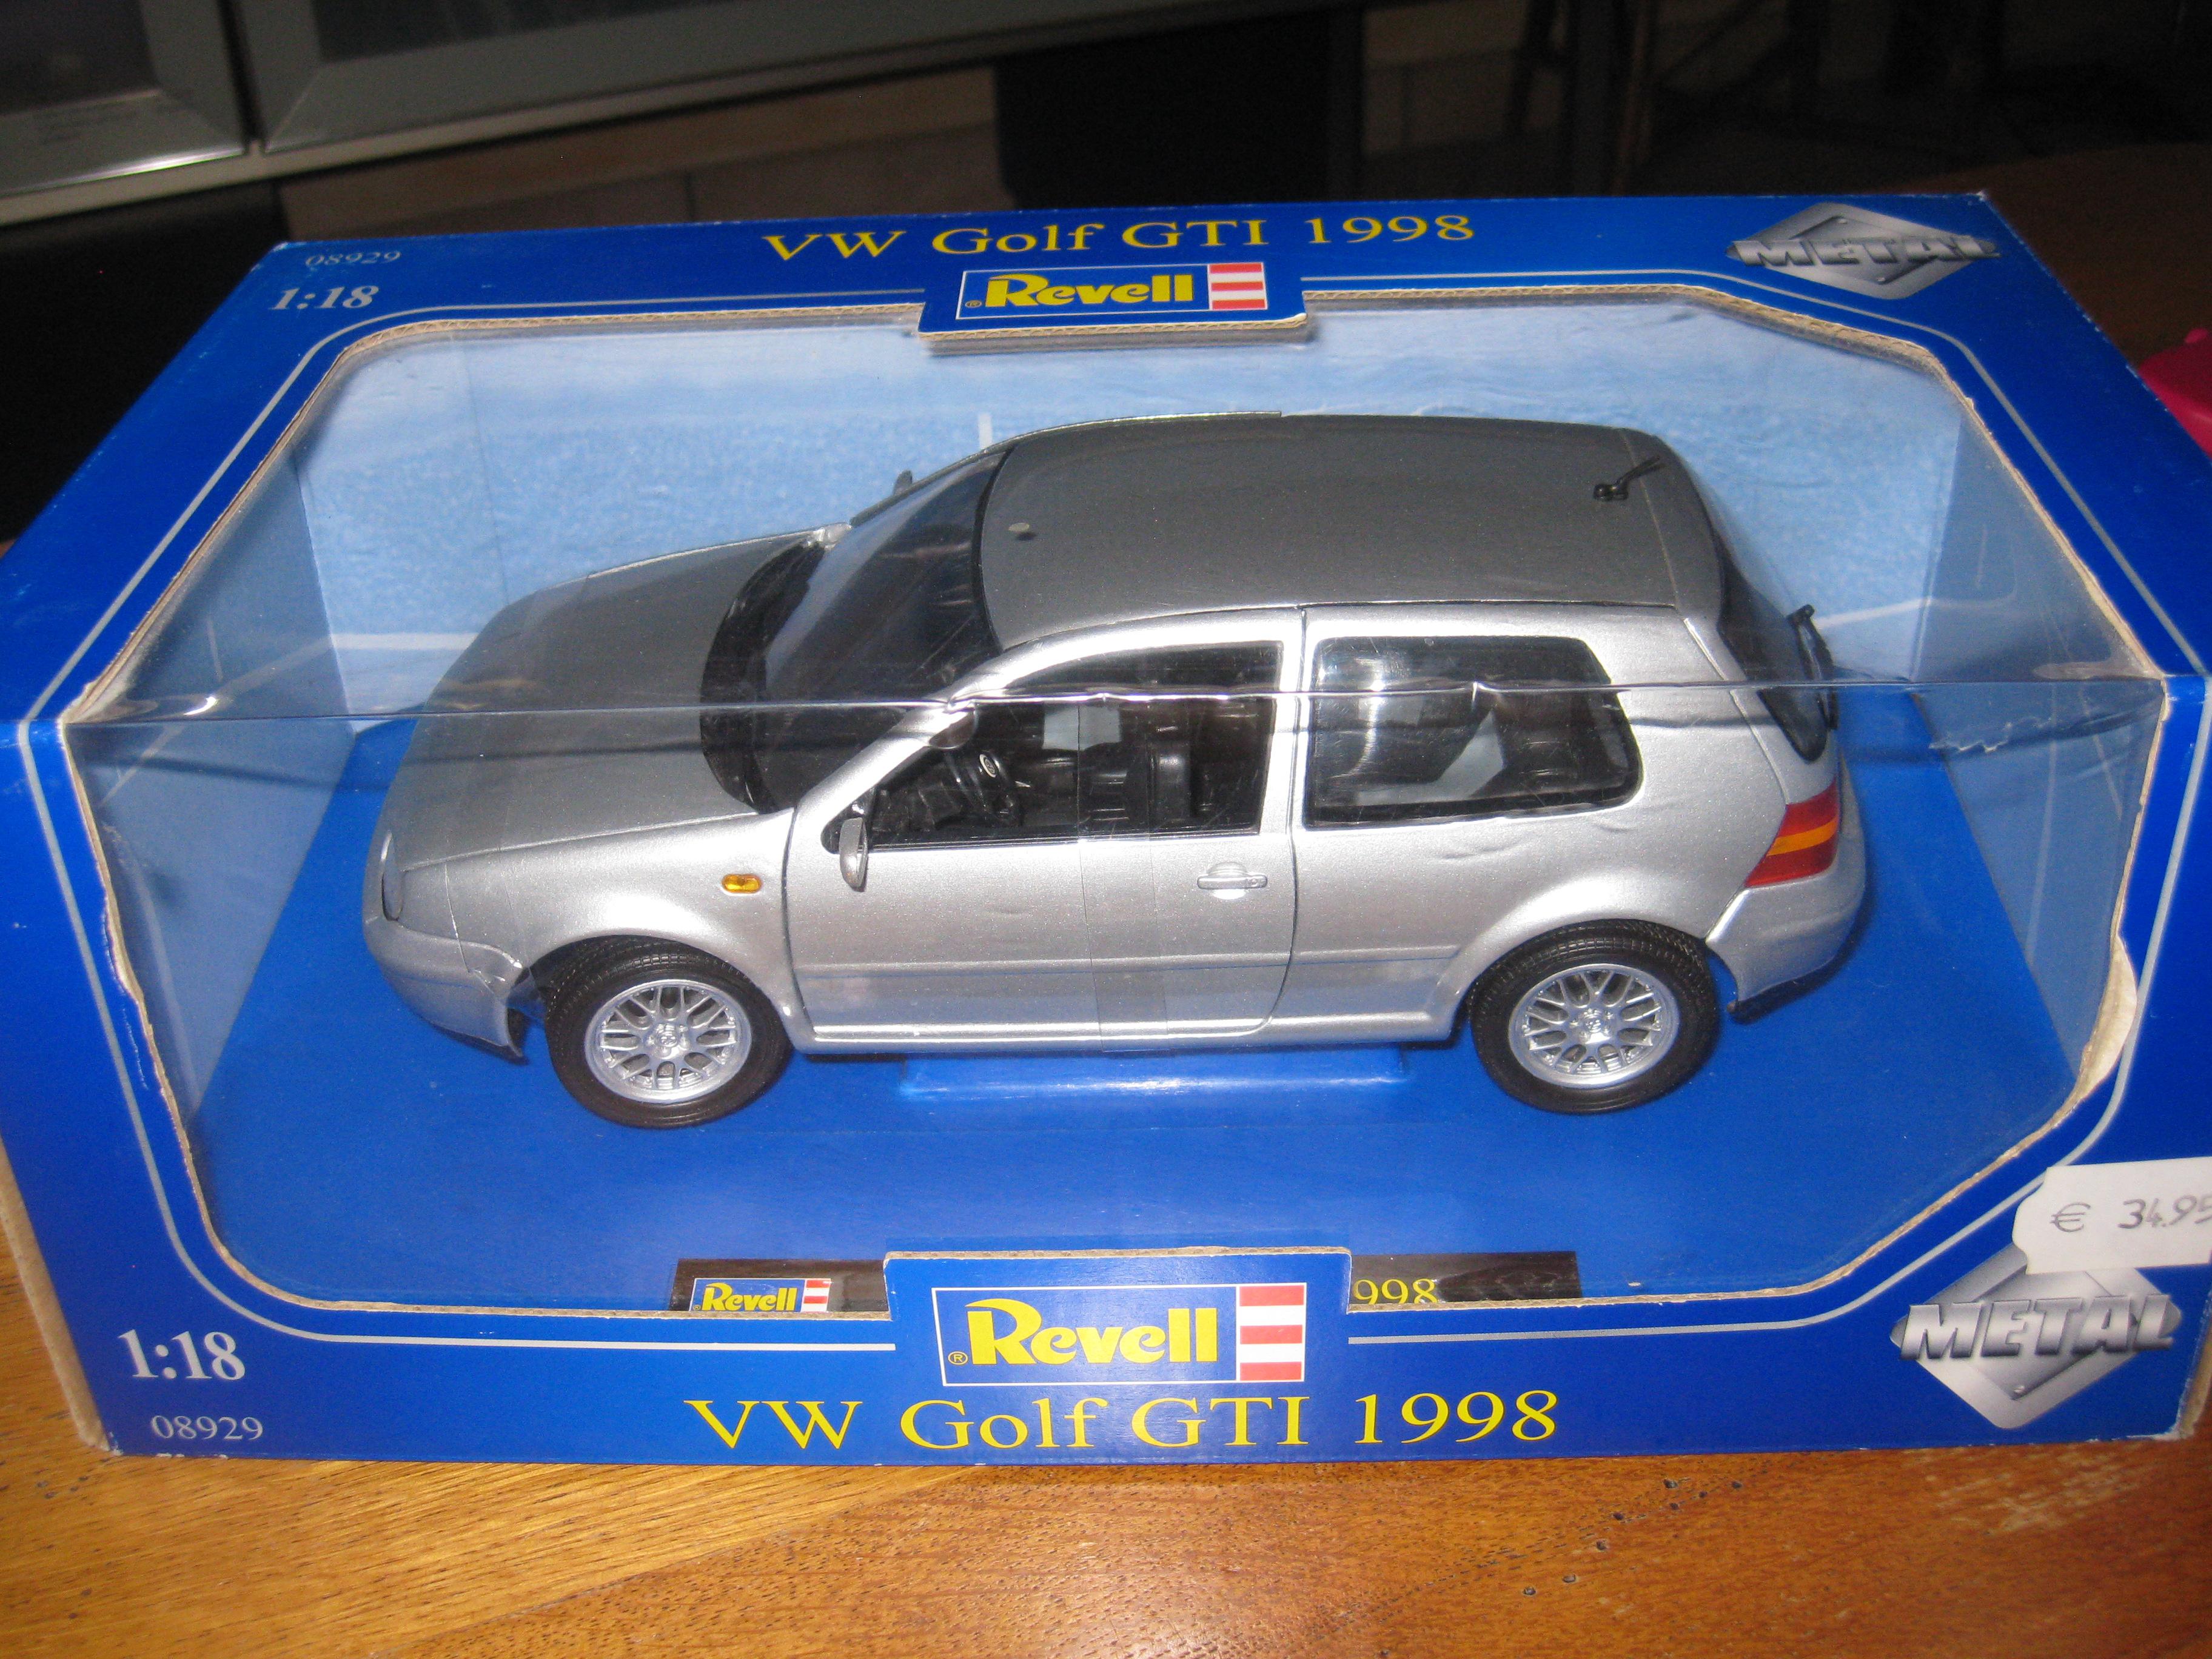 voiture miniature de collection 25 jouets jusqu 39 4a neuf ou tbe marie700 photos. Black Bedroom Furniture Sets. Home Design Ideas